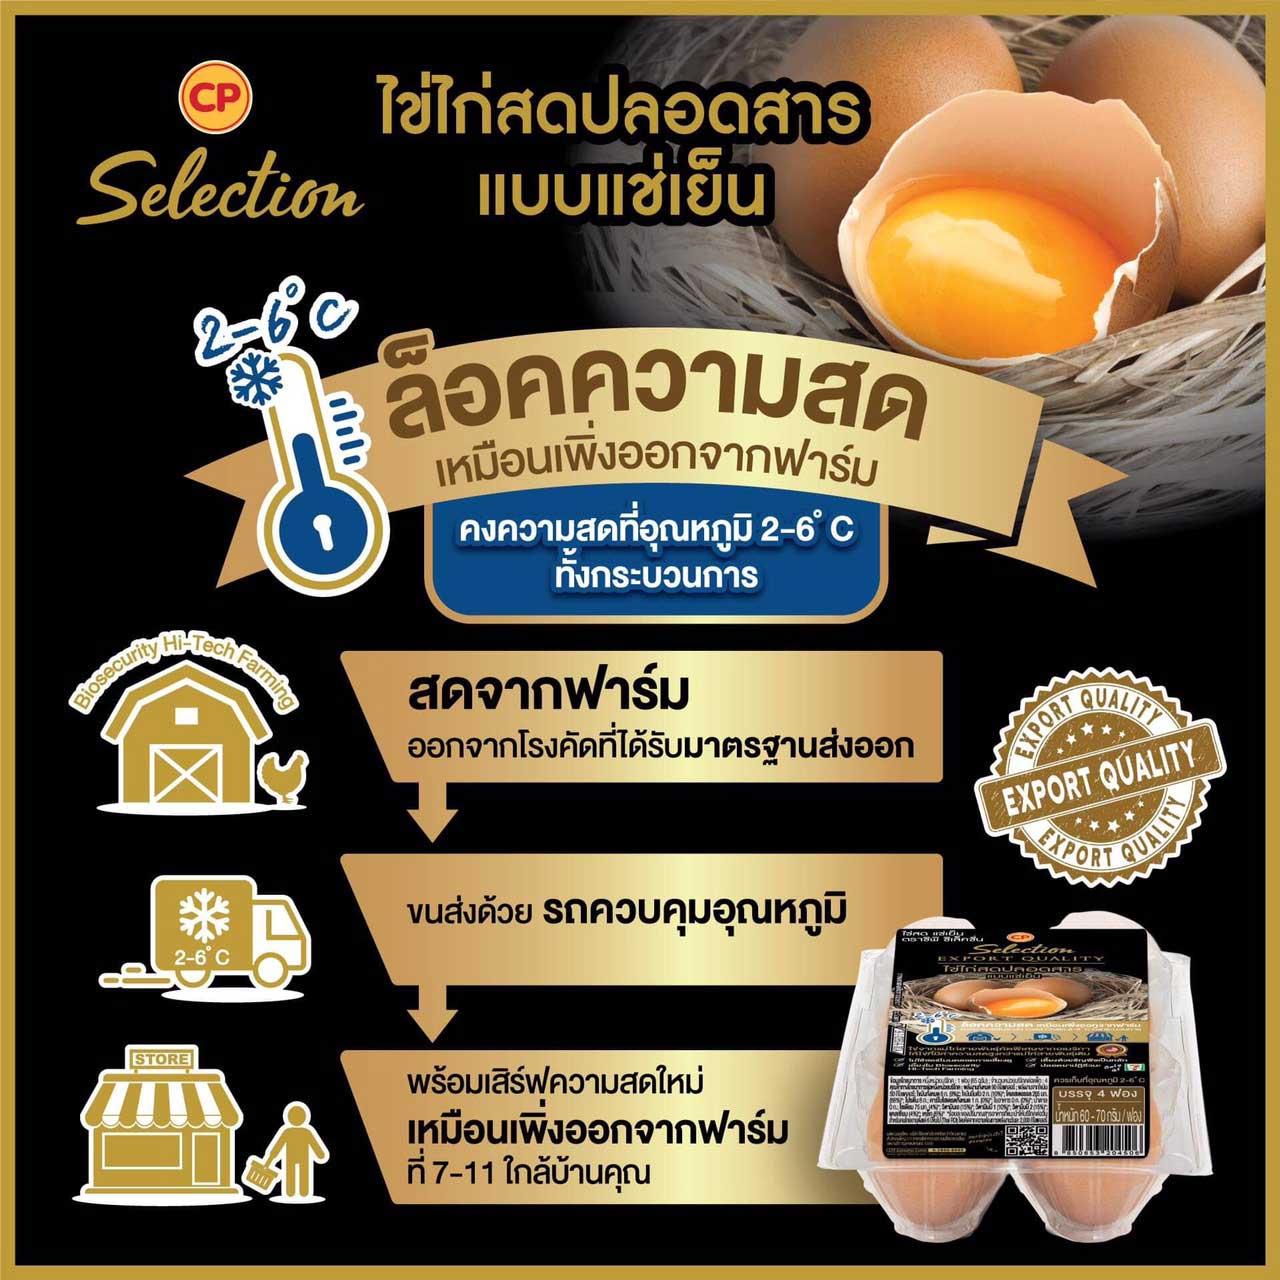 ไข่ไก่สดปลอดสาร (แบบแช่เย็น) ตราซีพี ซีเล็คชั่น